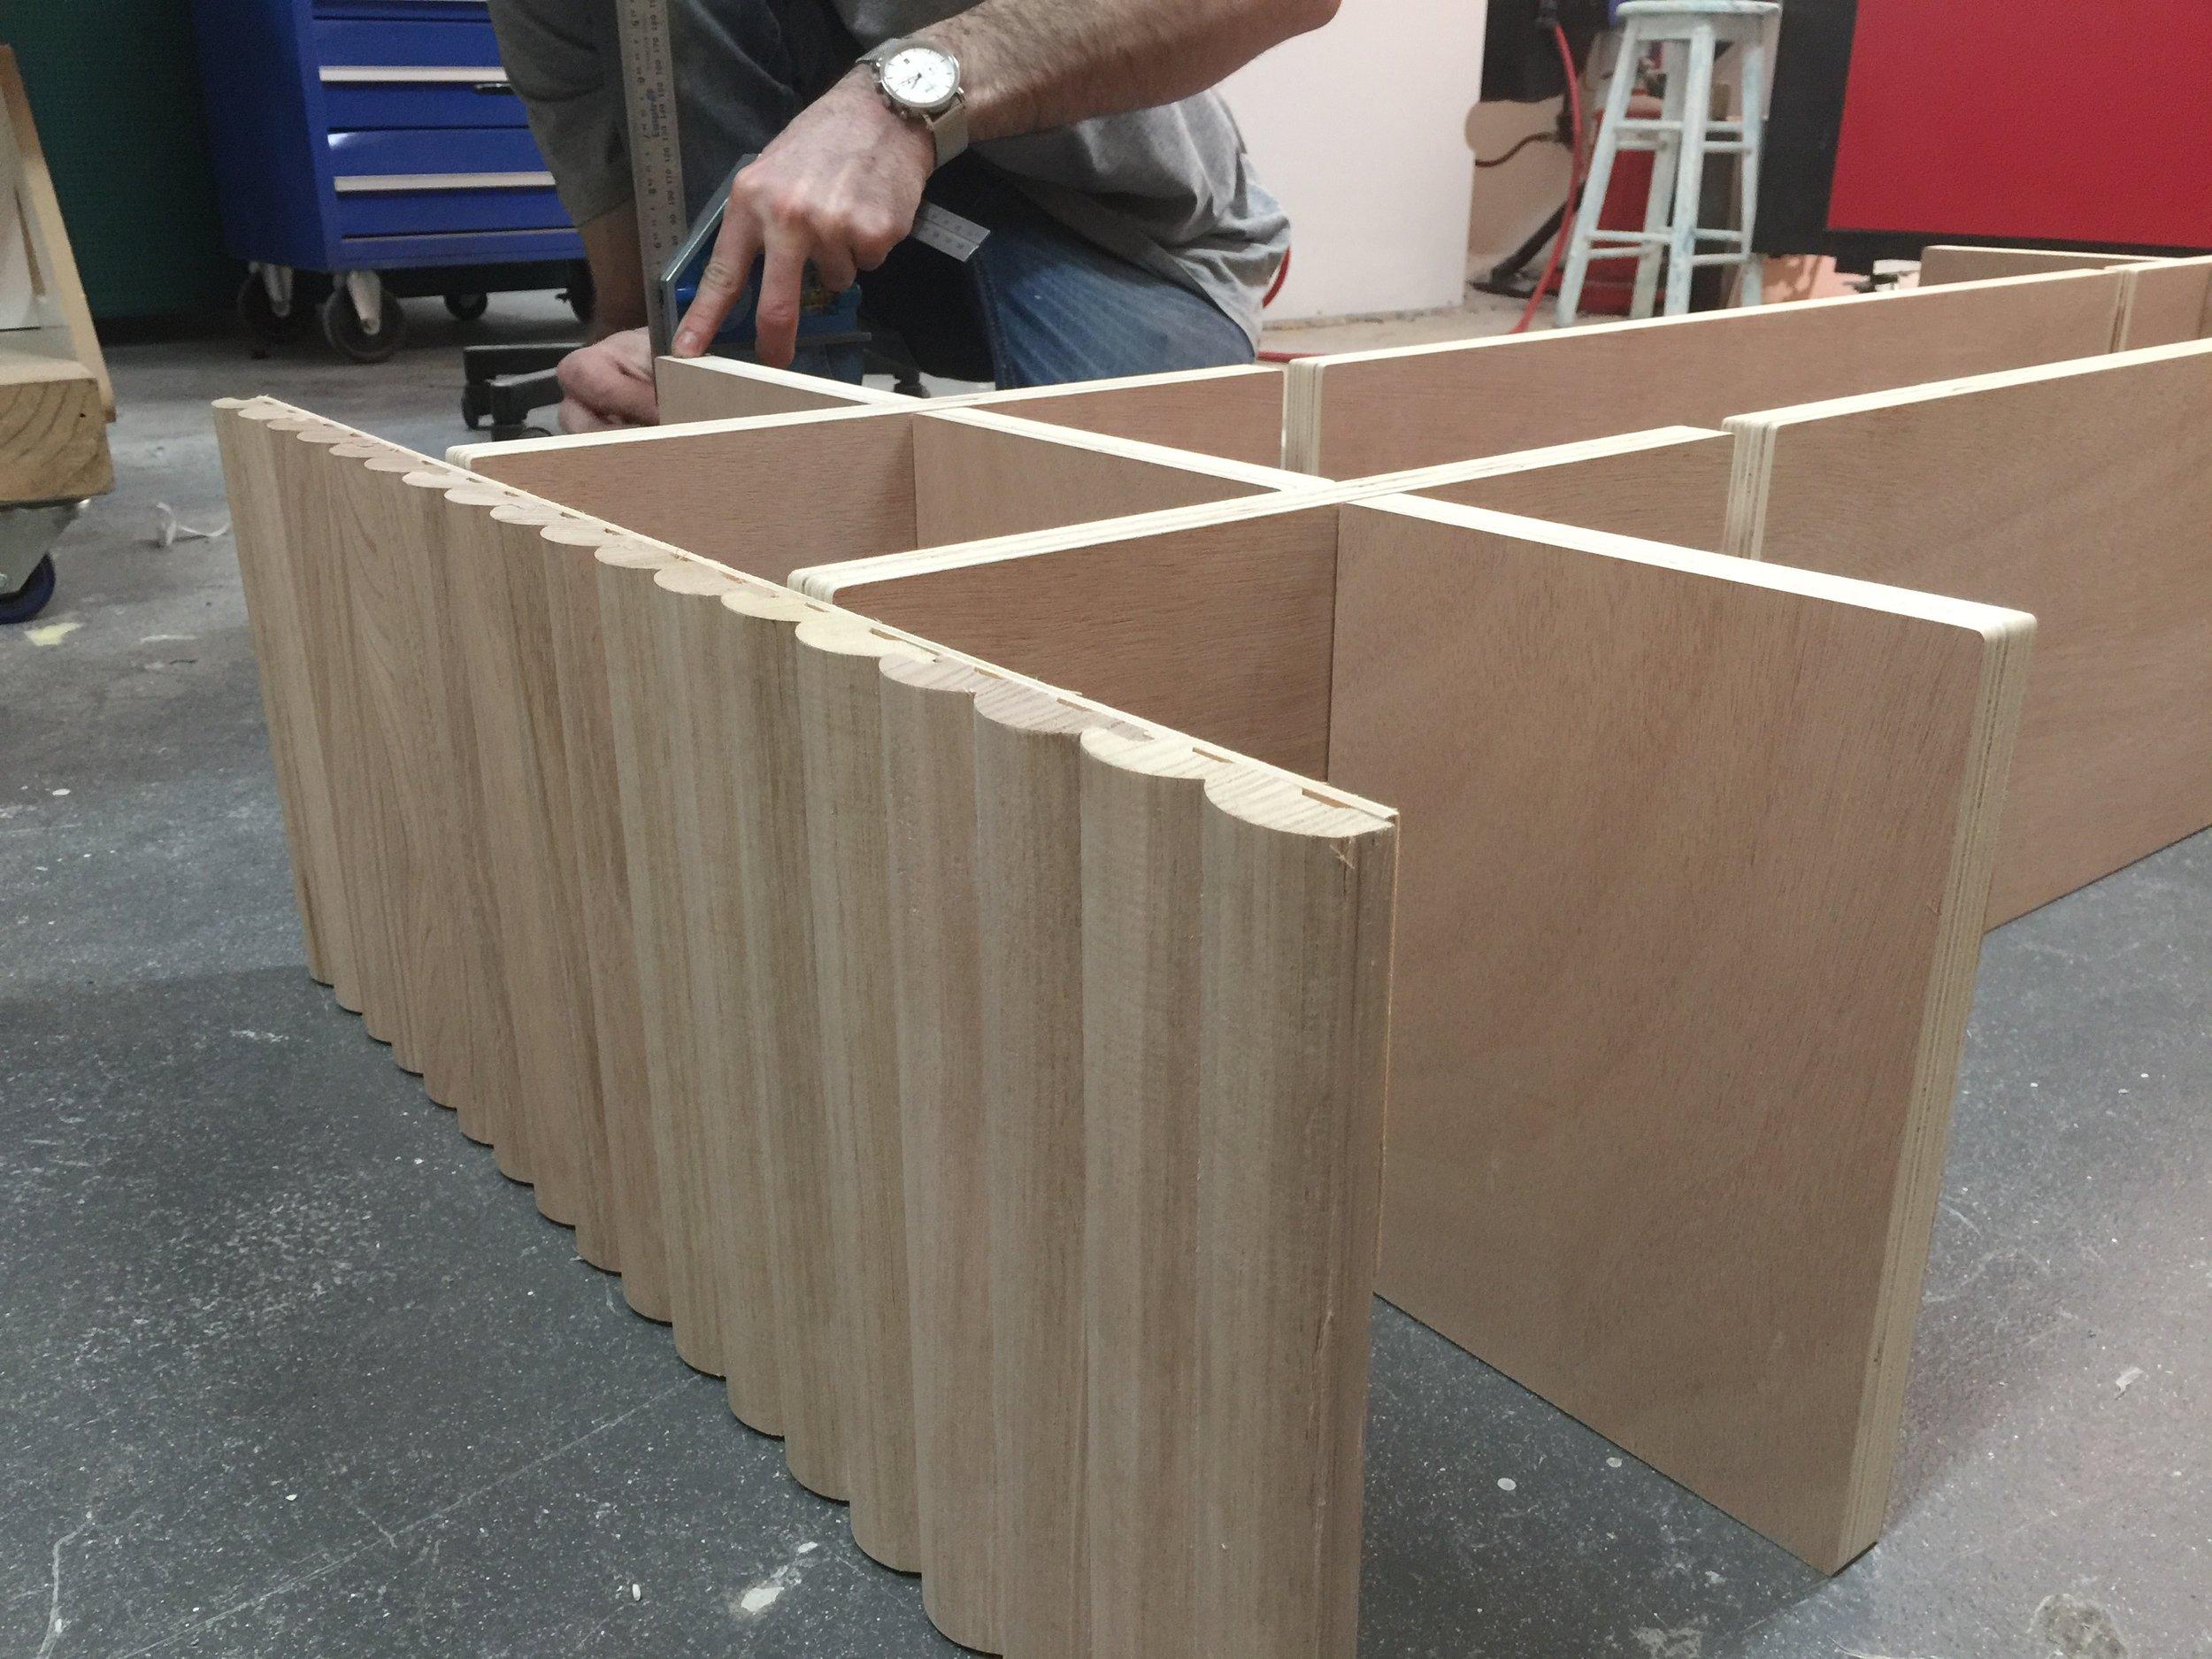 SoWatt-WIP-Oak-Dowel-Plywood-Flat-Pack-Shelving-Koala_Mattress-Myer-03.JPG